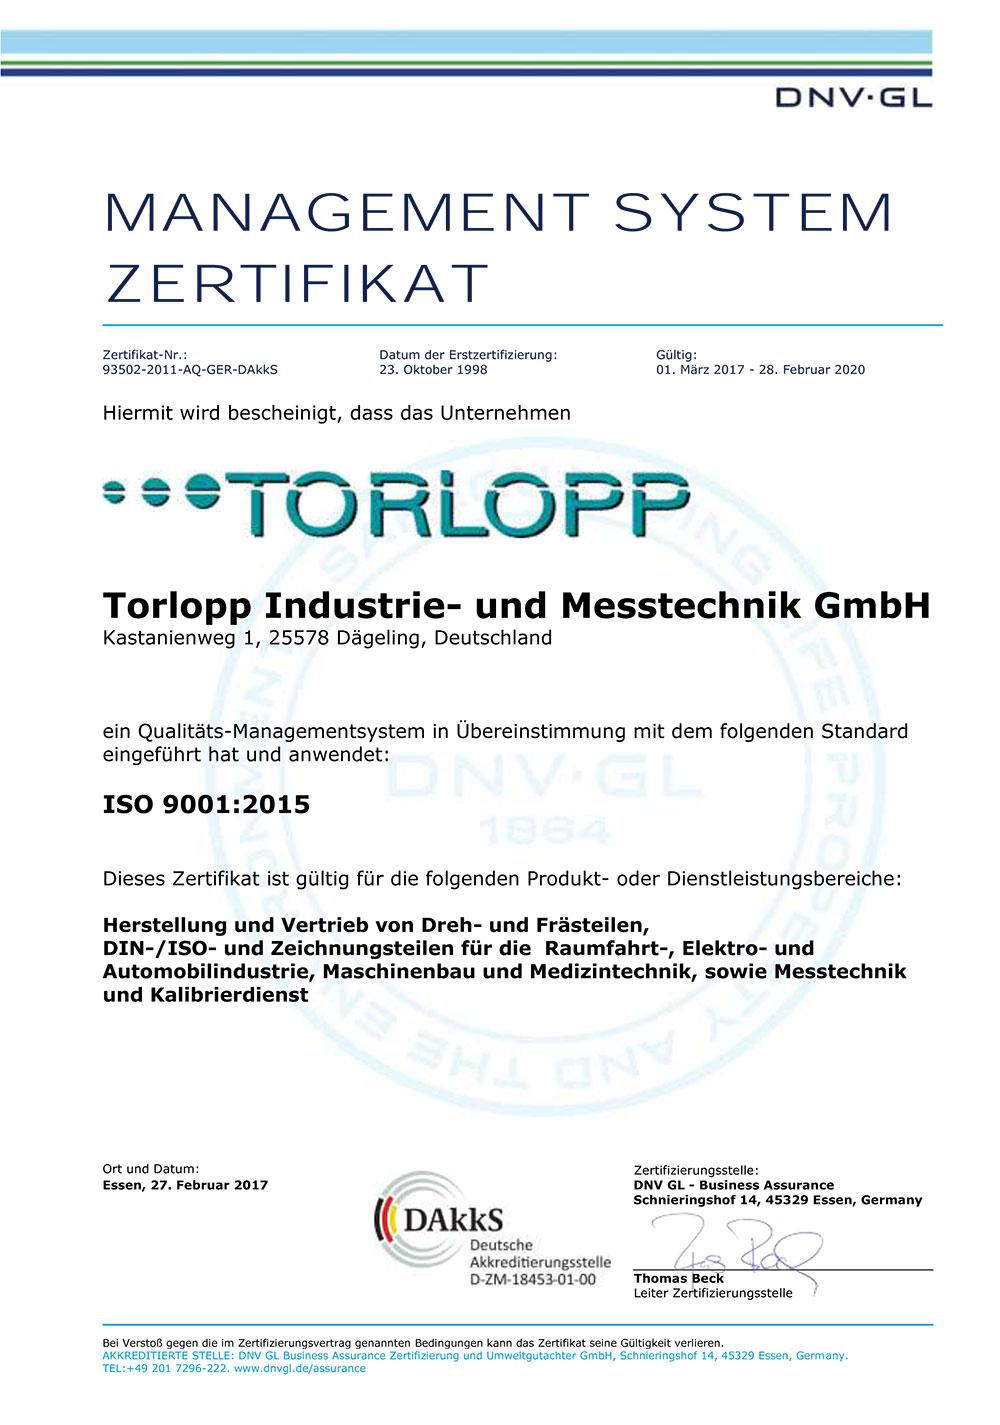 Zertifikat-ISO-9001-2015